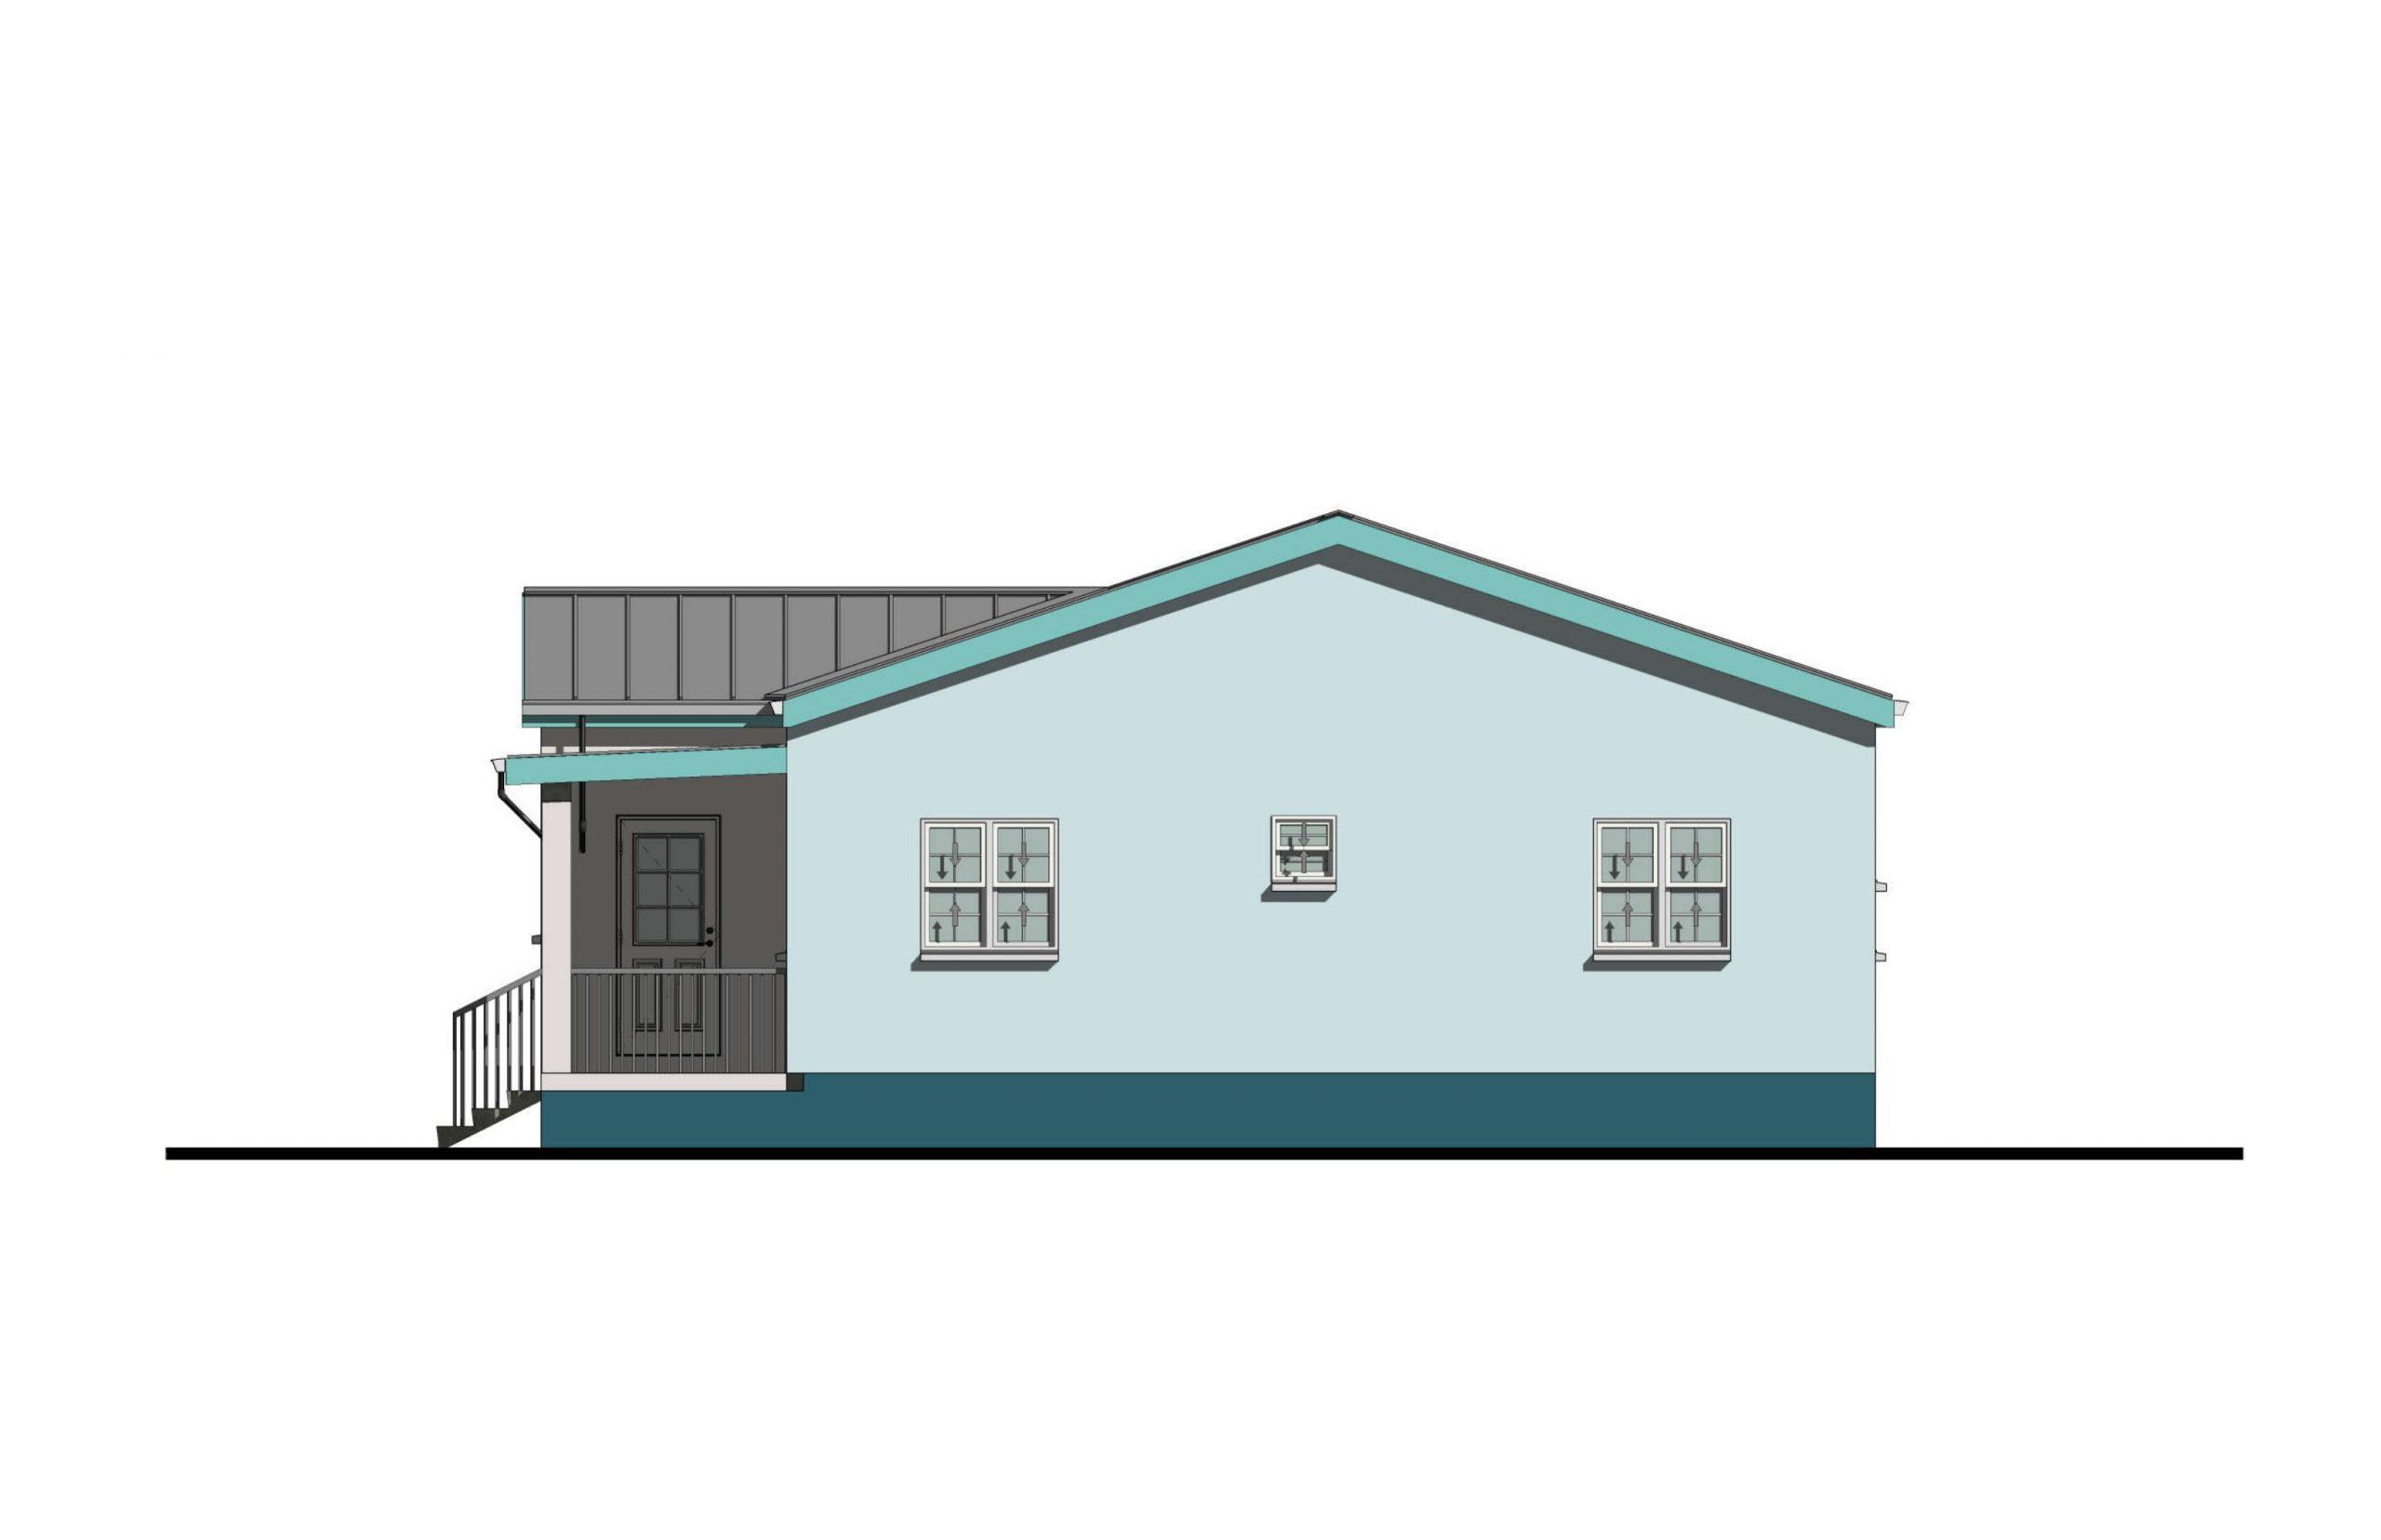 Lodestar 3 Bed  2Bath Option 1 Side Elevation B 1060+SQFT